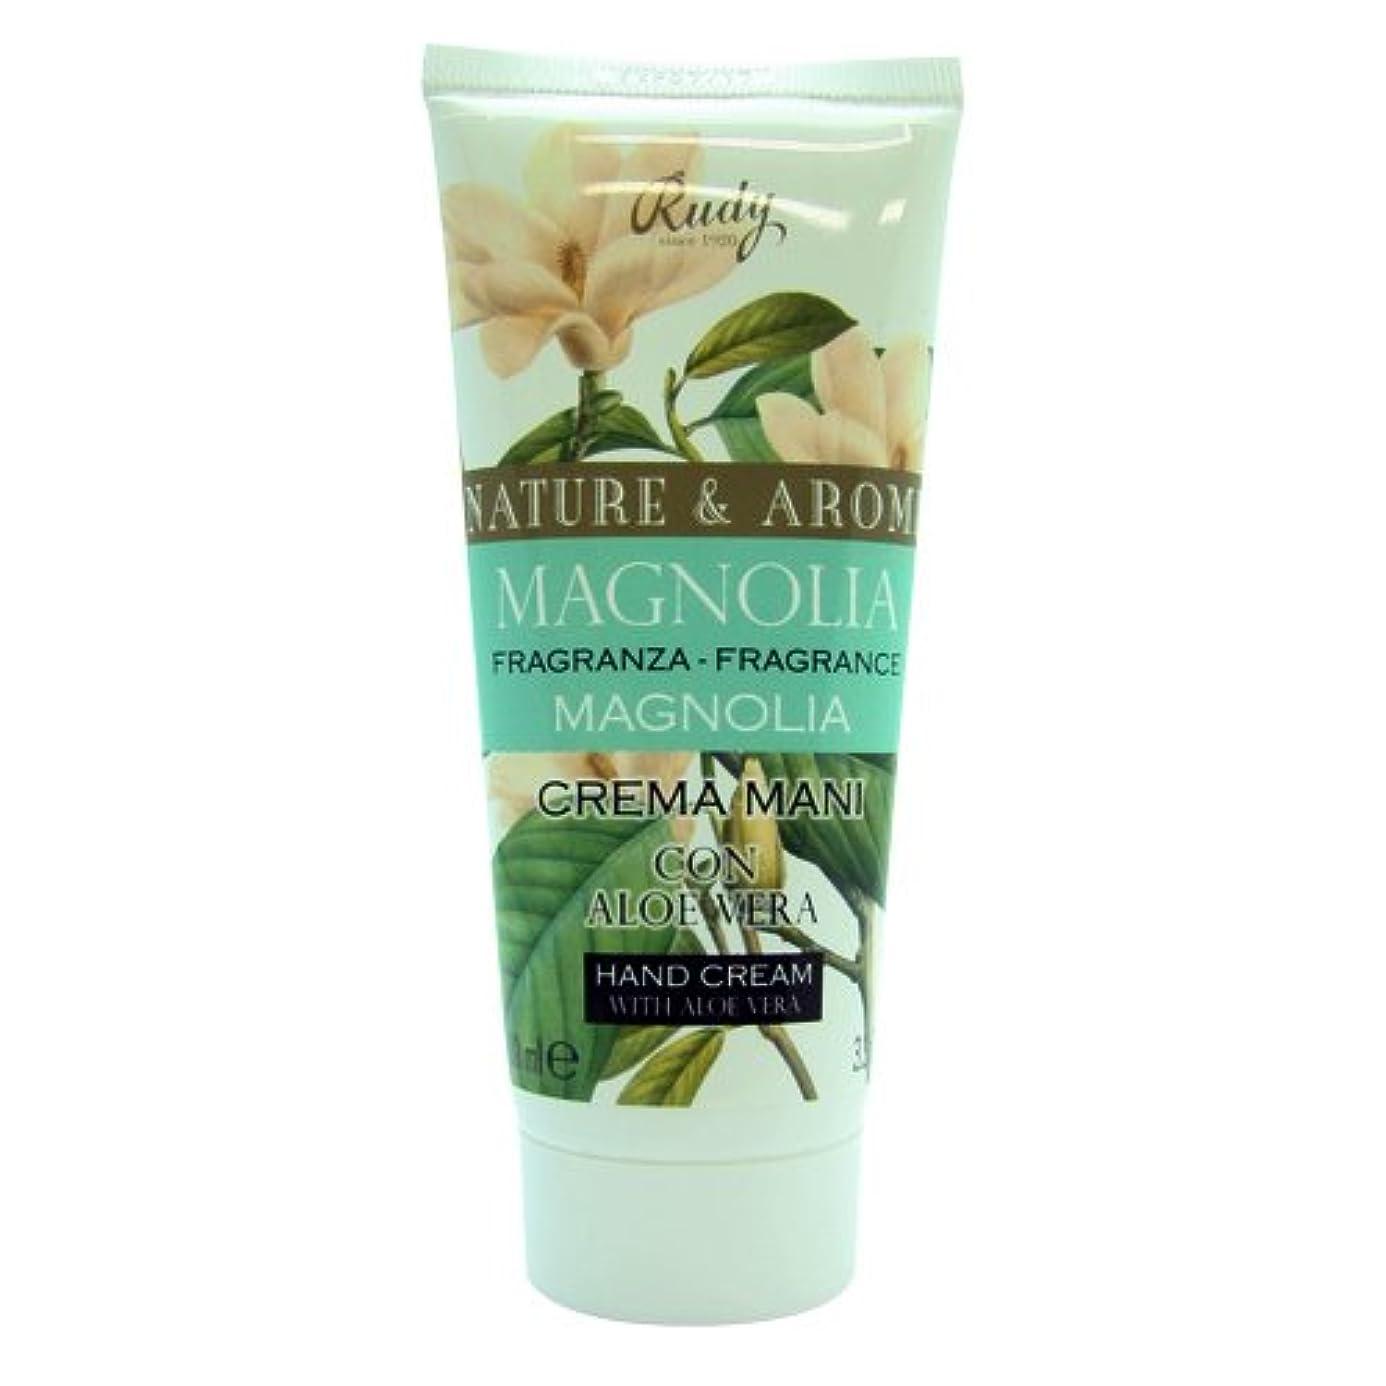 チャット含むお世話になったRUDY Nature&Arome SERIES ルディ ナチュール&アロマ Hand Cream ハンドクリーム  Magnolia マグノリア